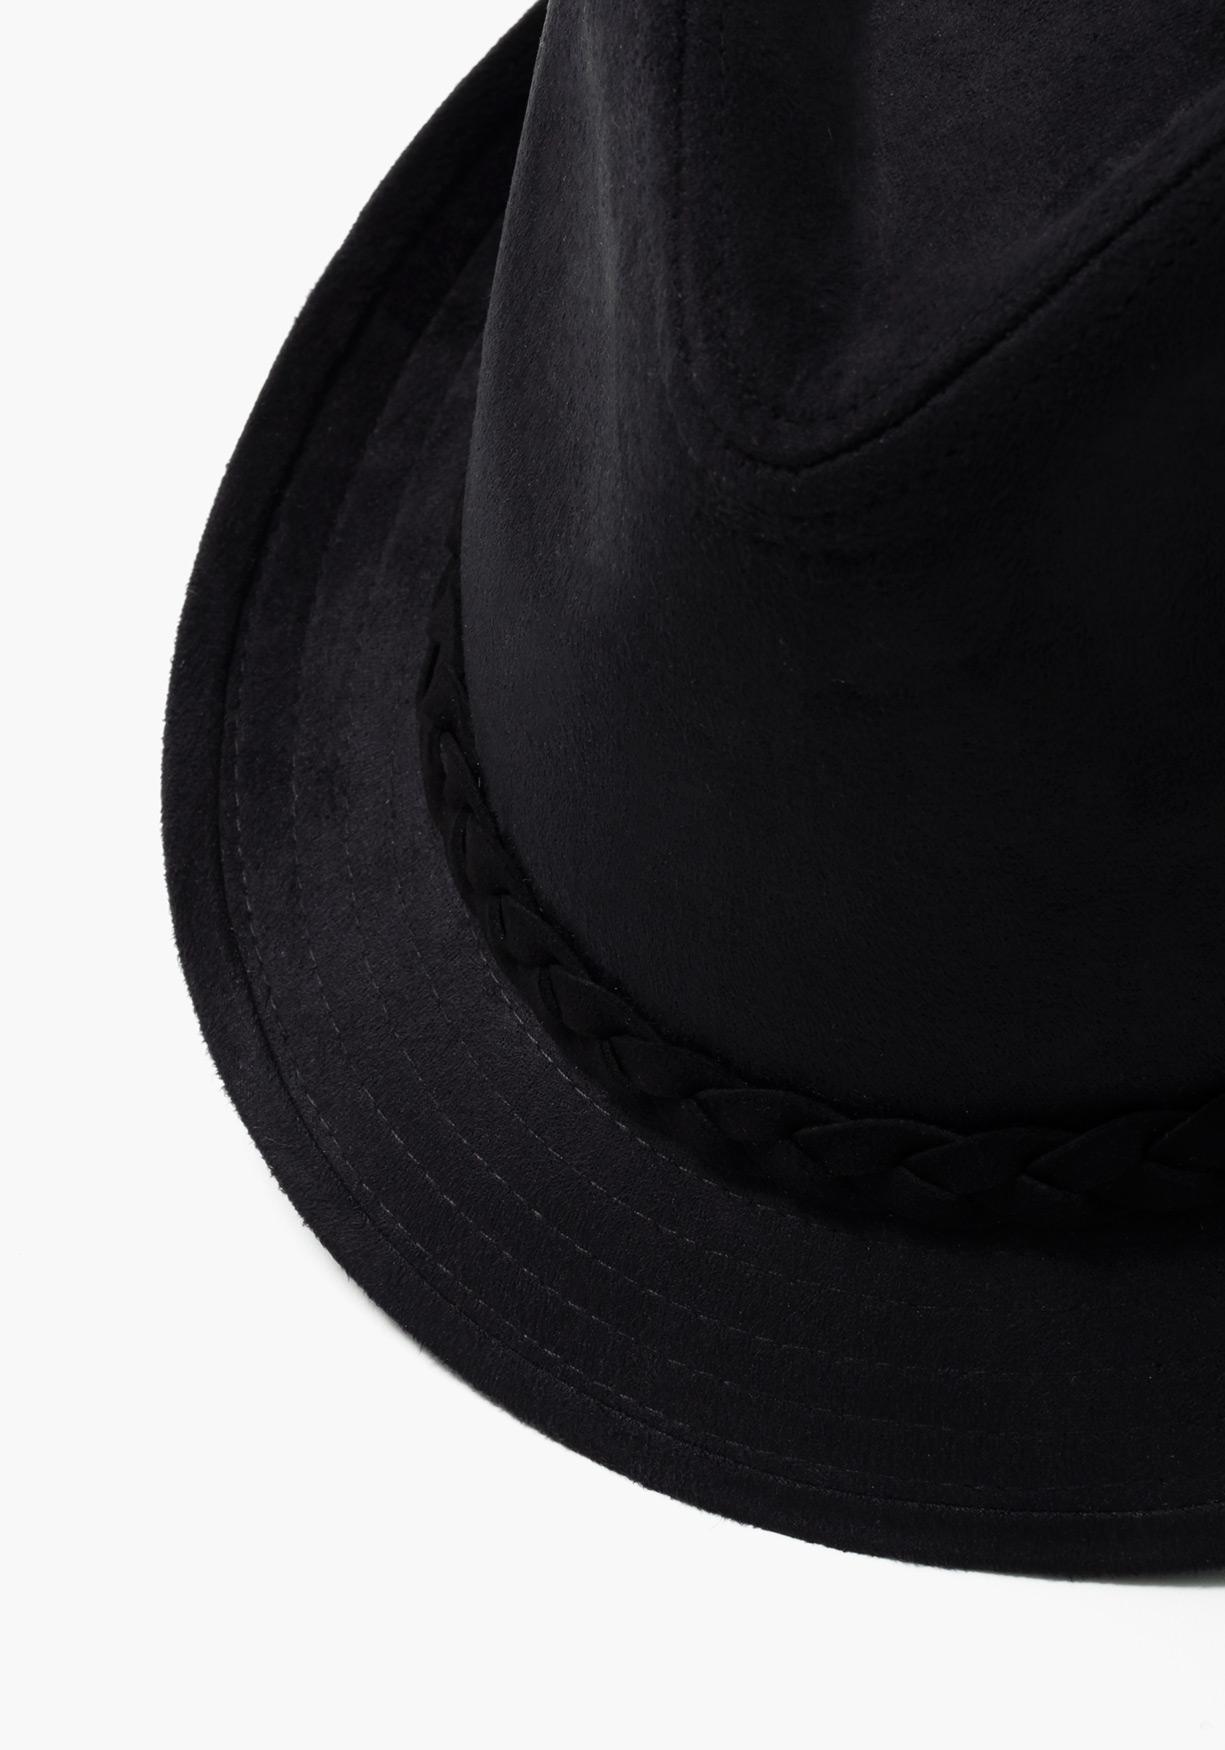 Comprar Sombrero borsalino de ante. ¡Aprovéchate de nuestros precios ... 83f4ec6fcf5